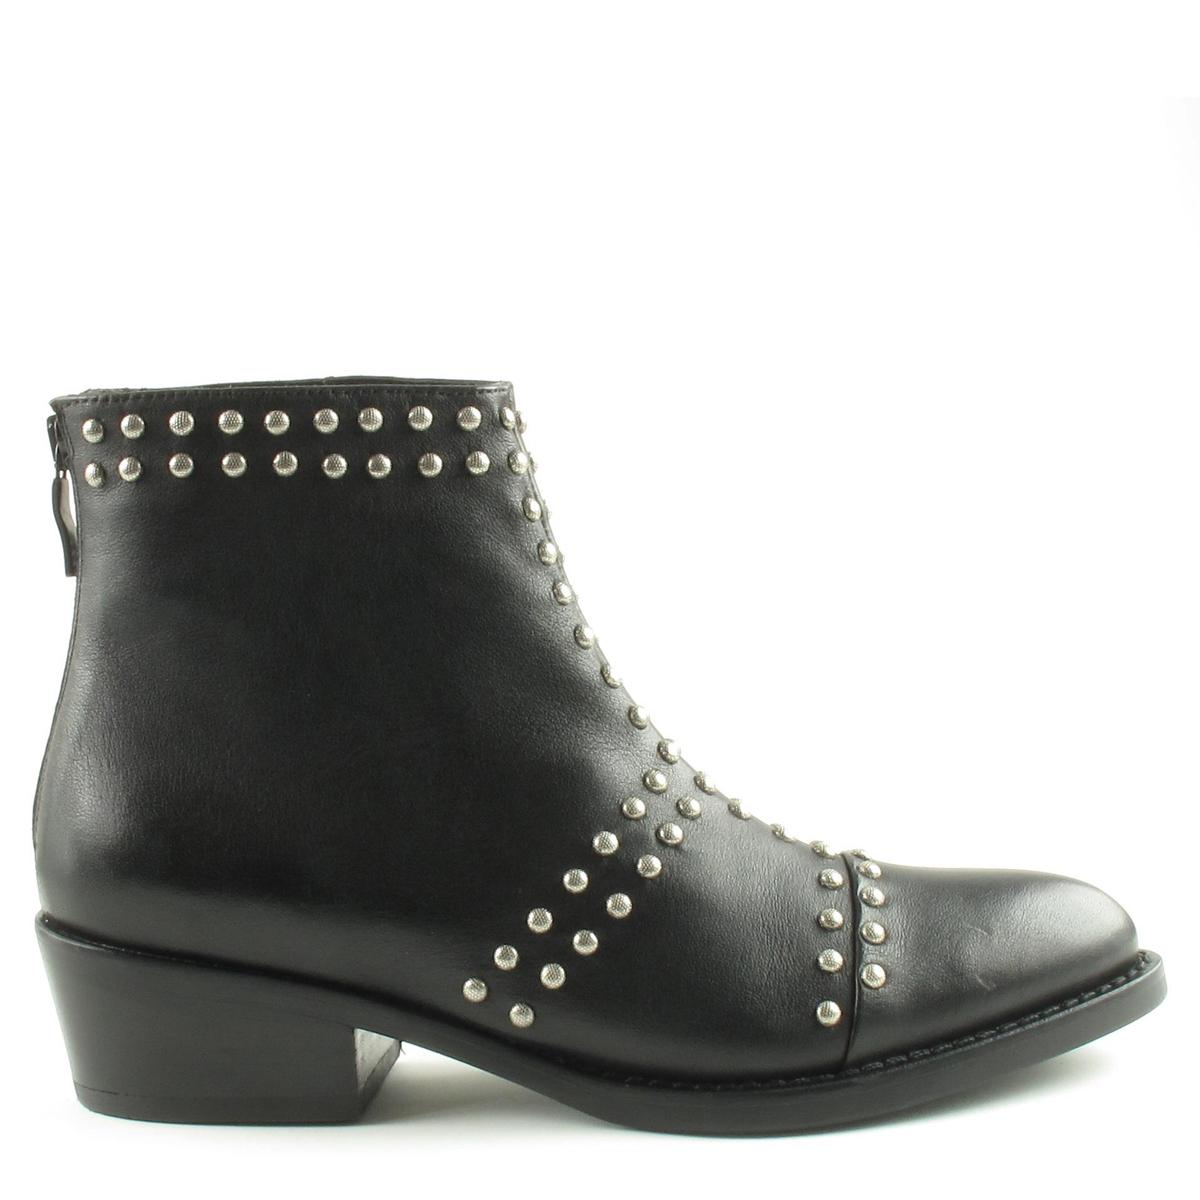 & Chaussures Janet Janet À Lacets Noir CsJLnVCC